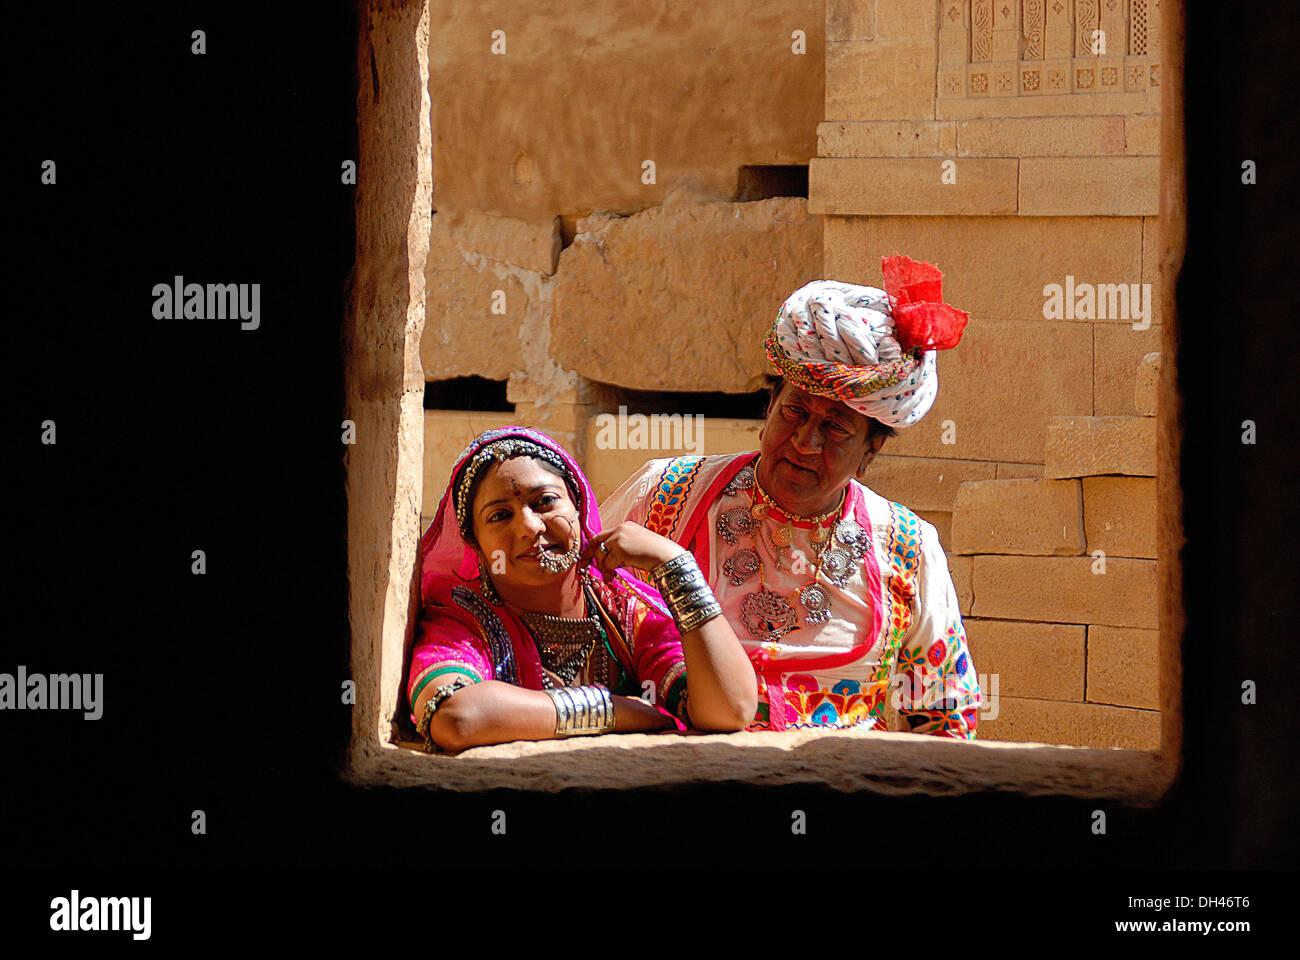 O homem e a mulher indiana em traje tradicional Jaisalmer Rajasthan Índia Ásia Senhor#784B&784C Imagens de Stock